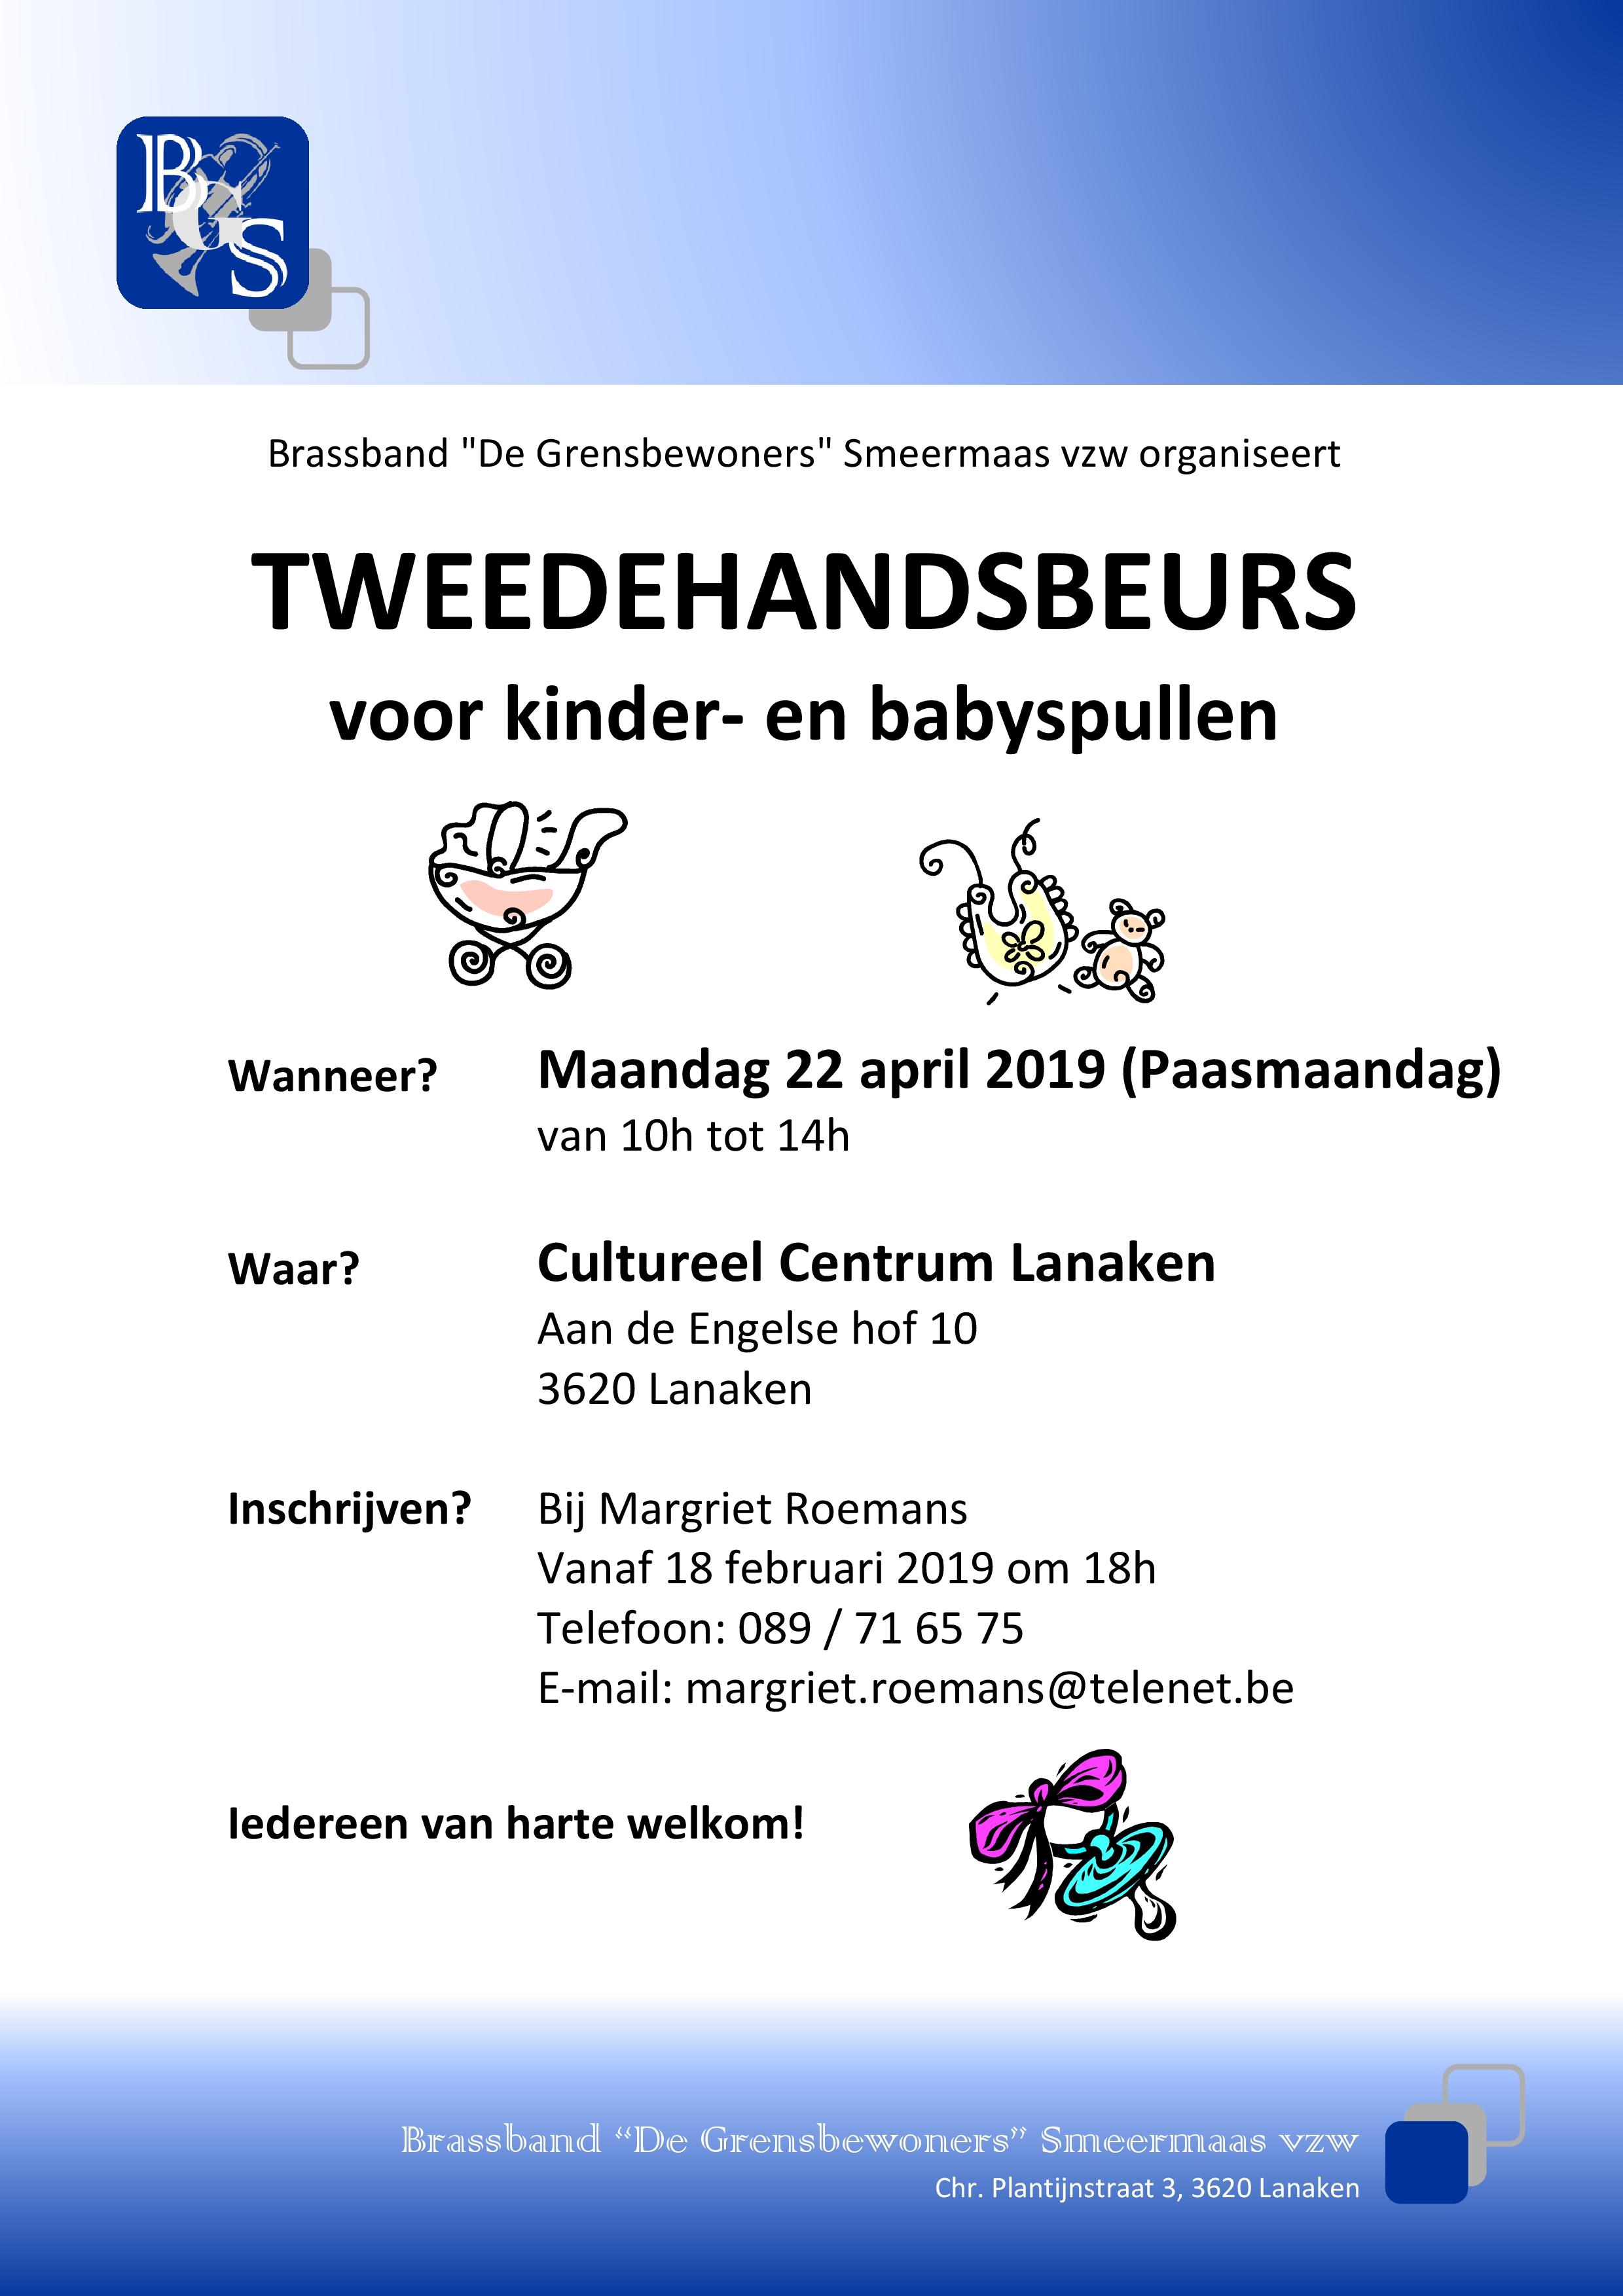 Tweedehandsbeurs voor kinder- en babyspullen georganiseerd door Brassband Smeermaas